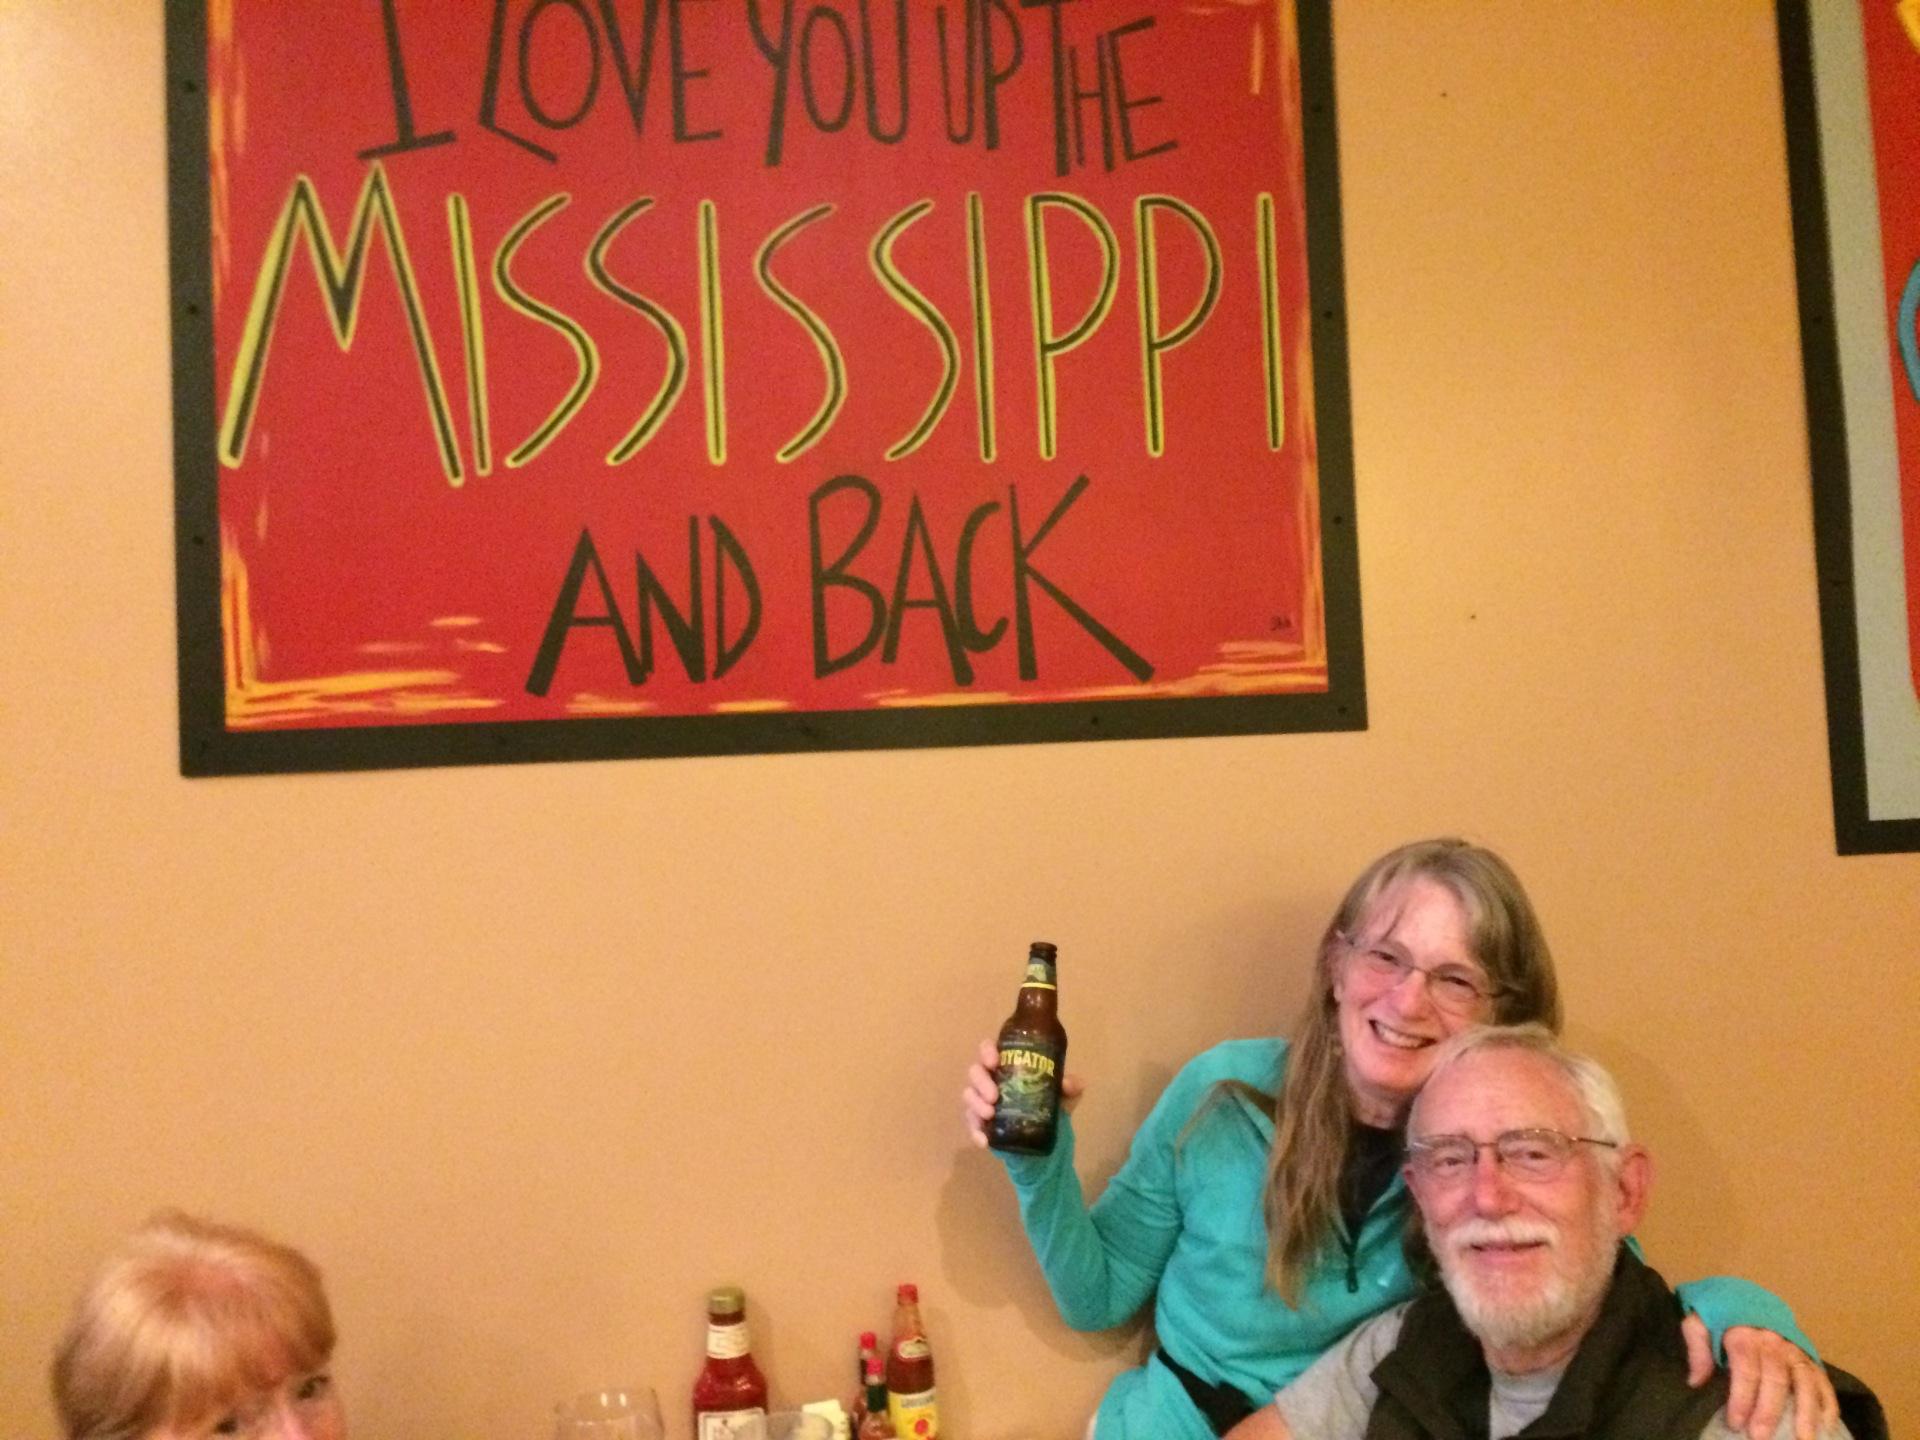 Vicksburg Part I: I Love You Up the Mississippi and Back